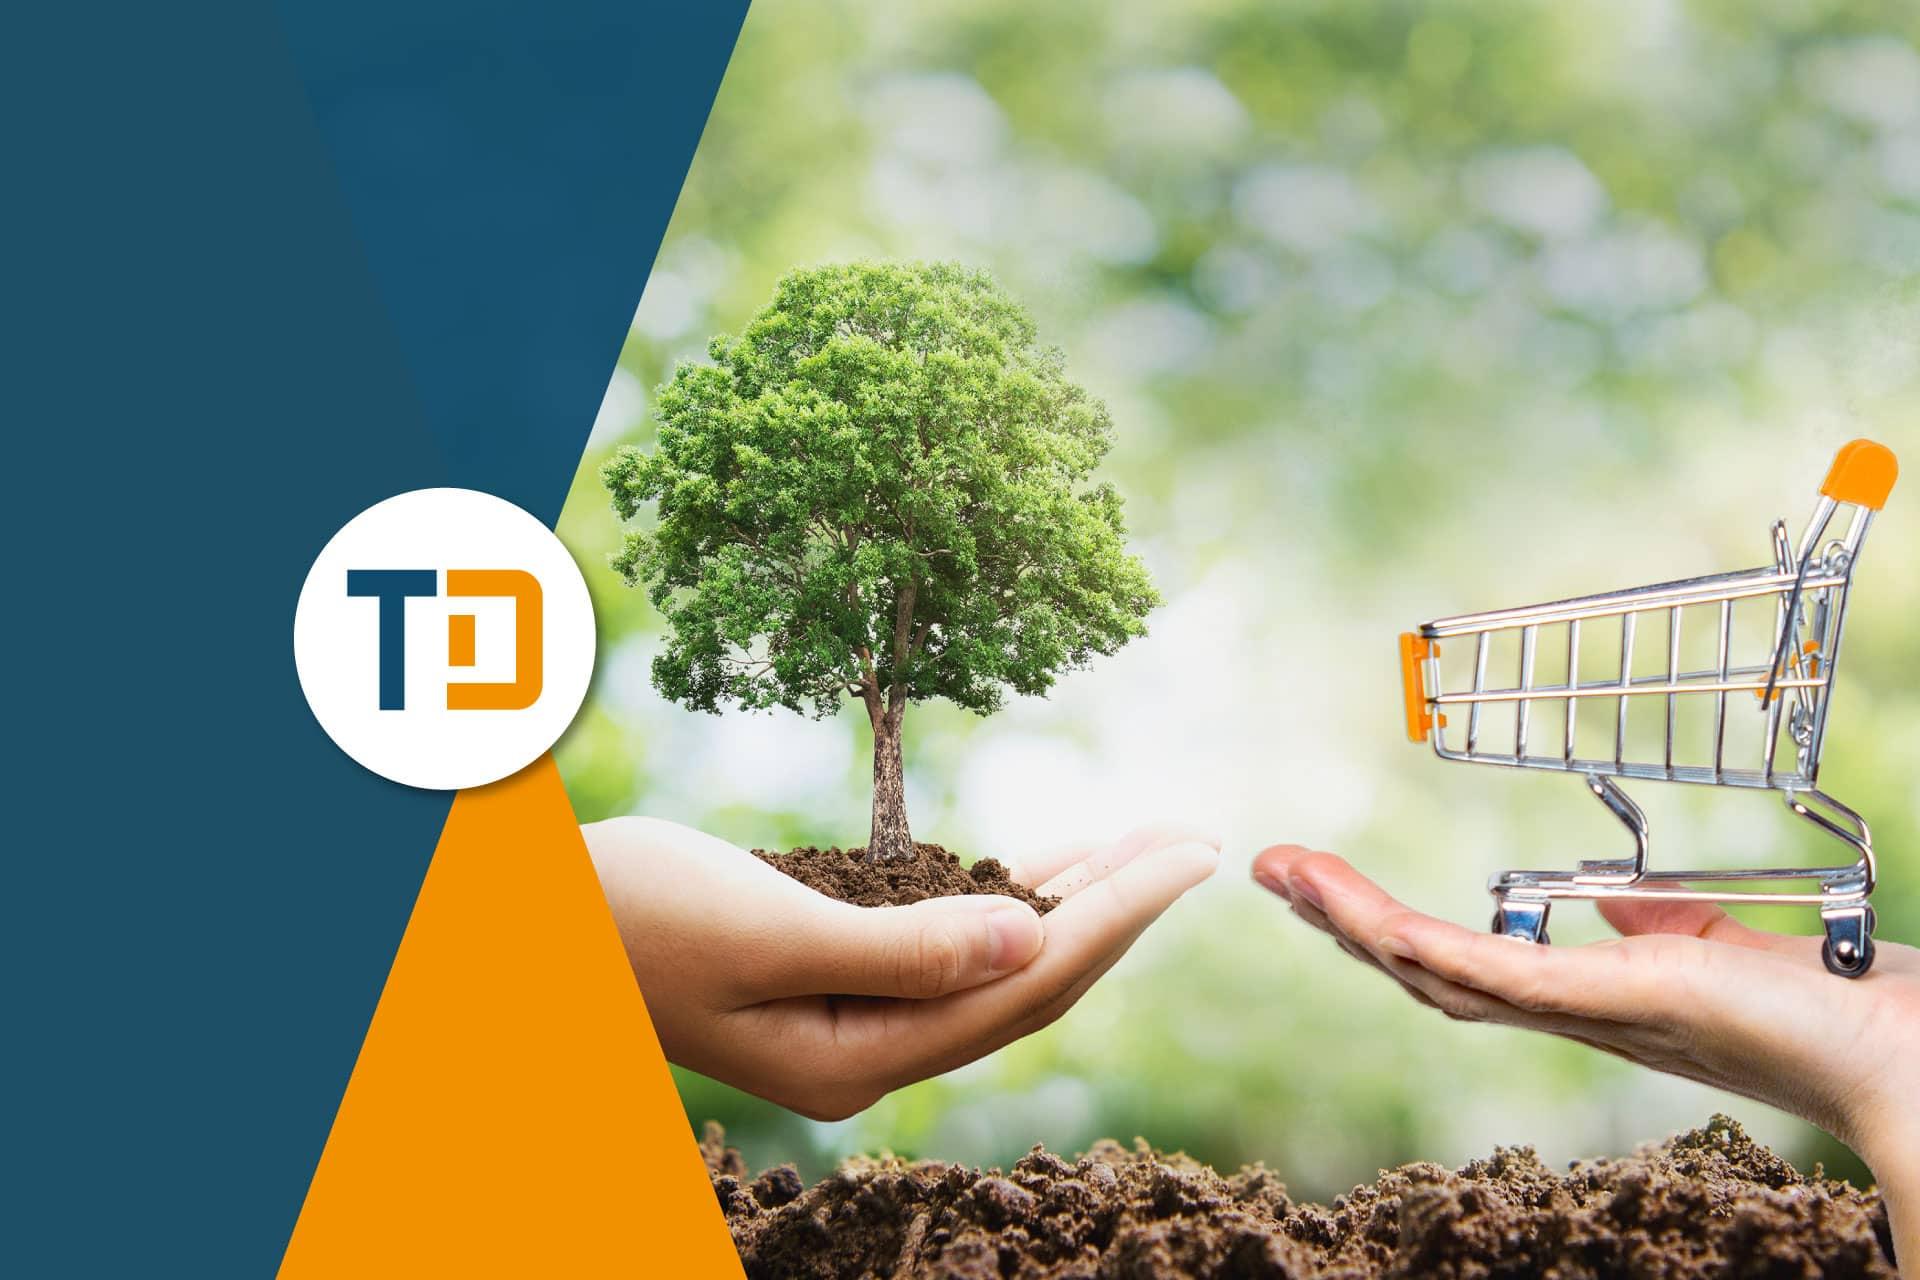 Ecommerce e sostenibilità: mano con un albero e mano con un carrello della spesa